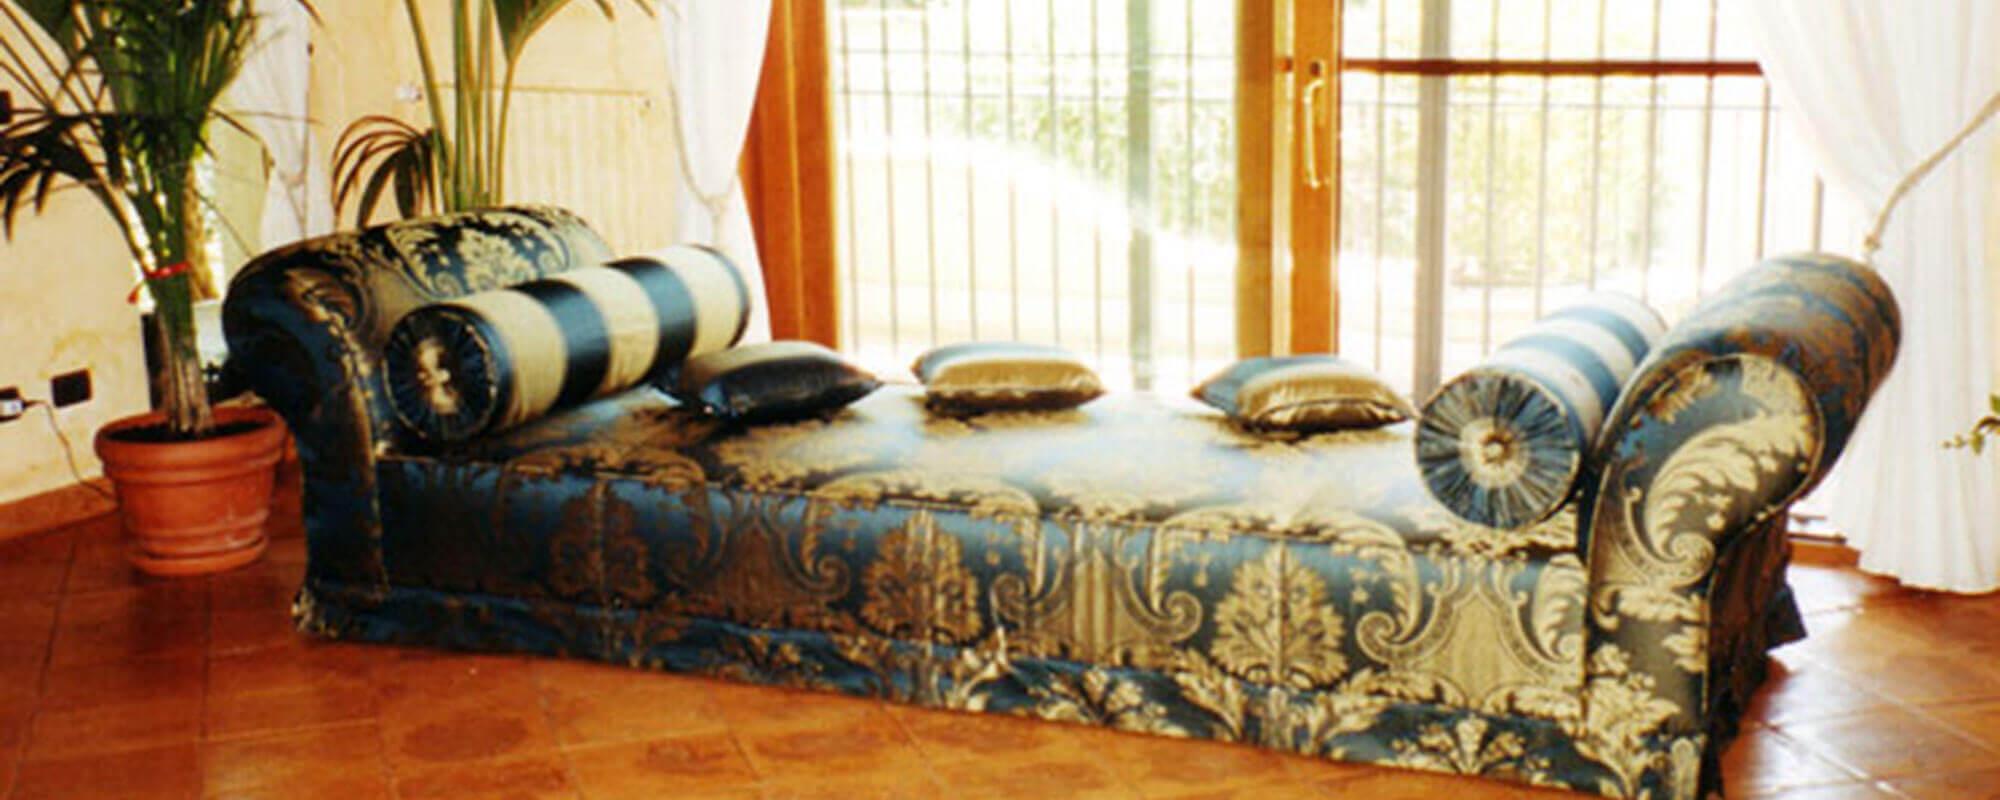 Tappezzeria d 39 arredamento laboratorio di tappezzeria for Arredamento artigianale